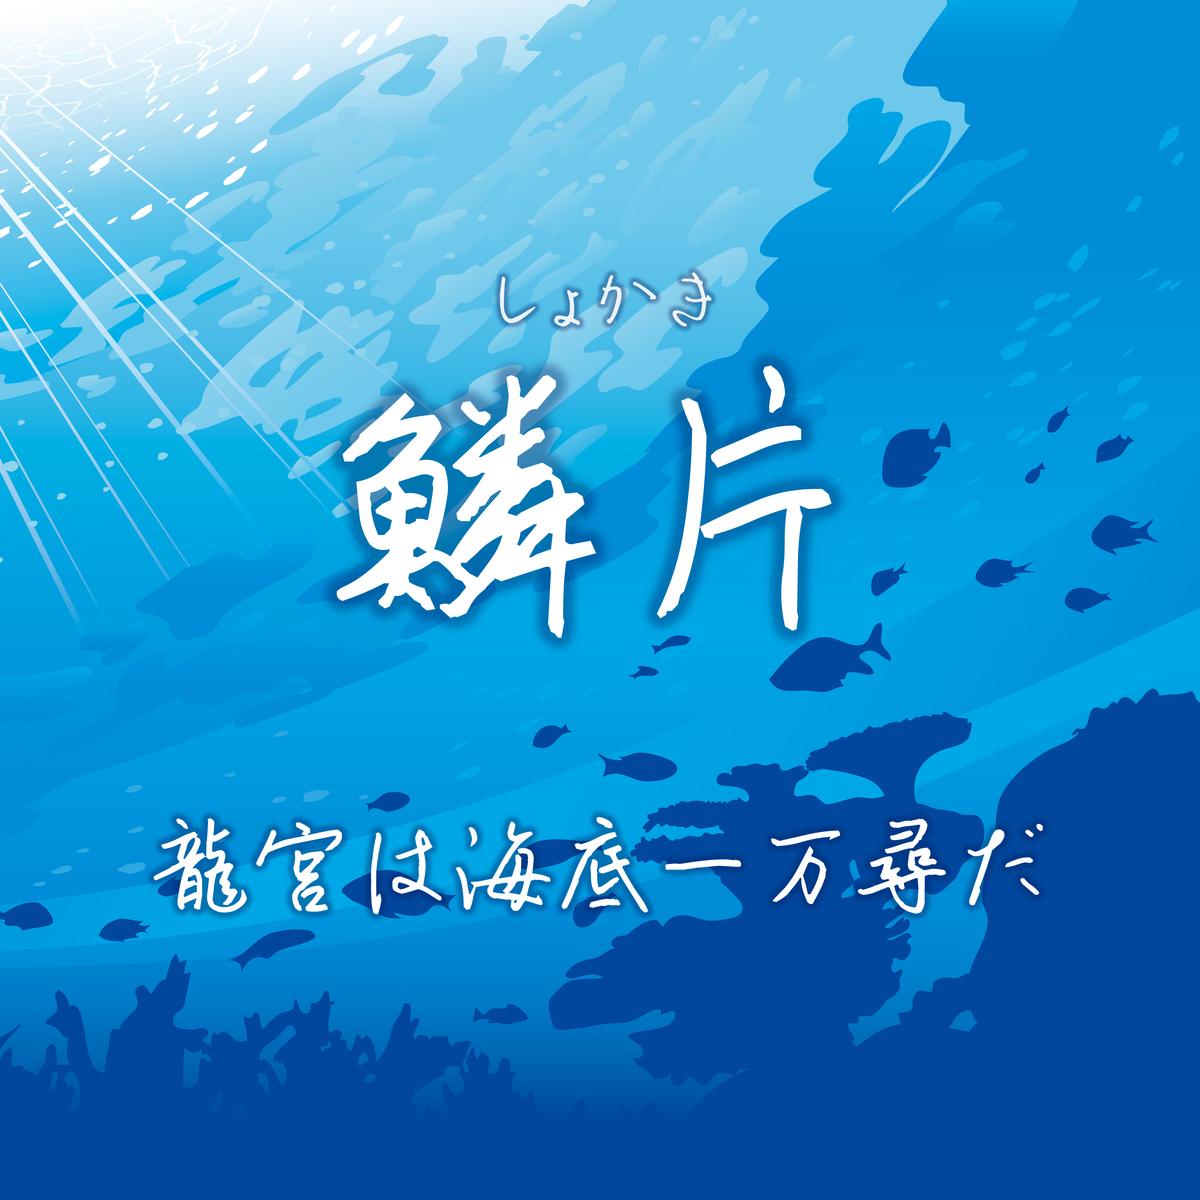 f:id:shokaki:20200706192216p:plain